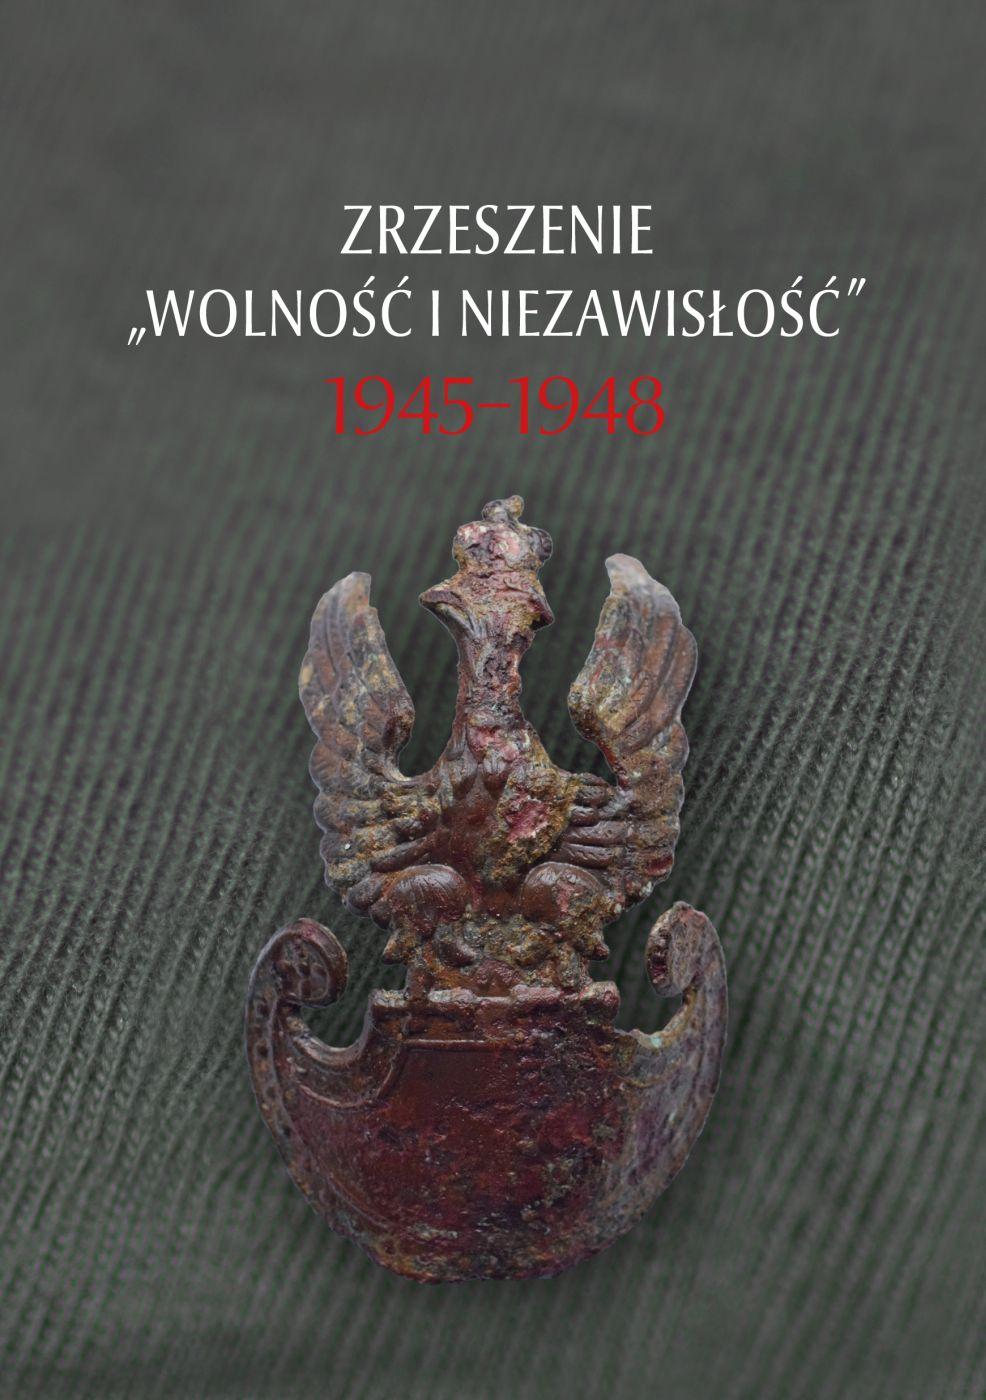 """Zrzeszenie """"Wolność i Niezawisłość """" 1945-1948 (red.W.Frazik F.Musiał)"""